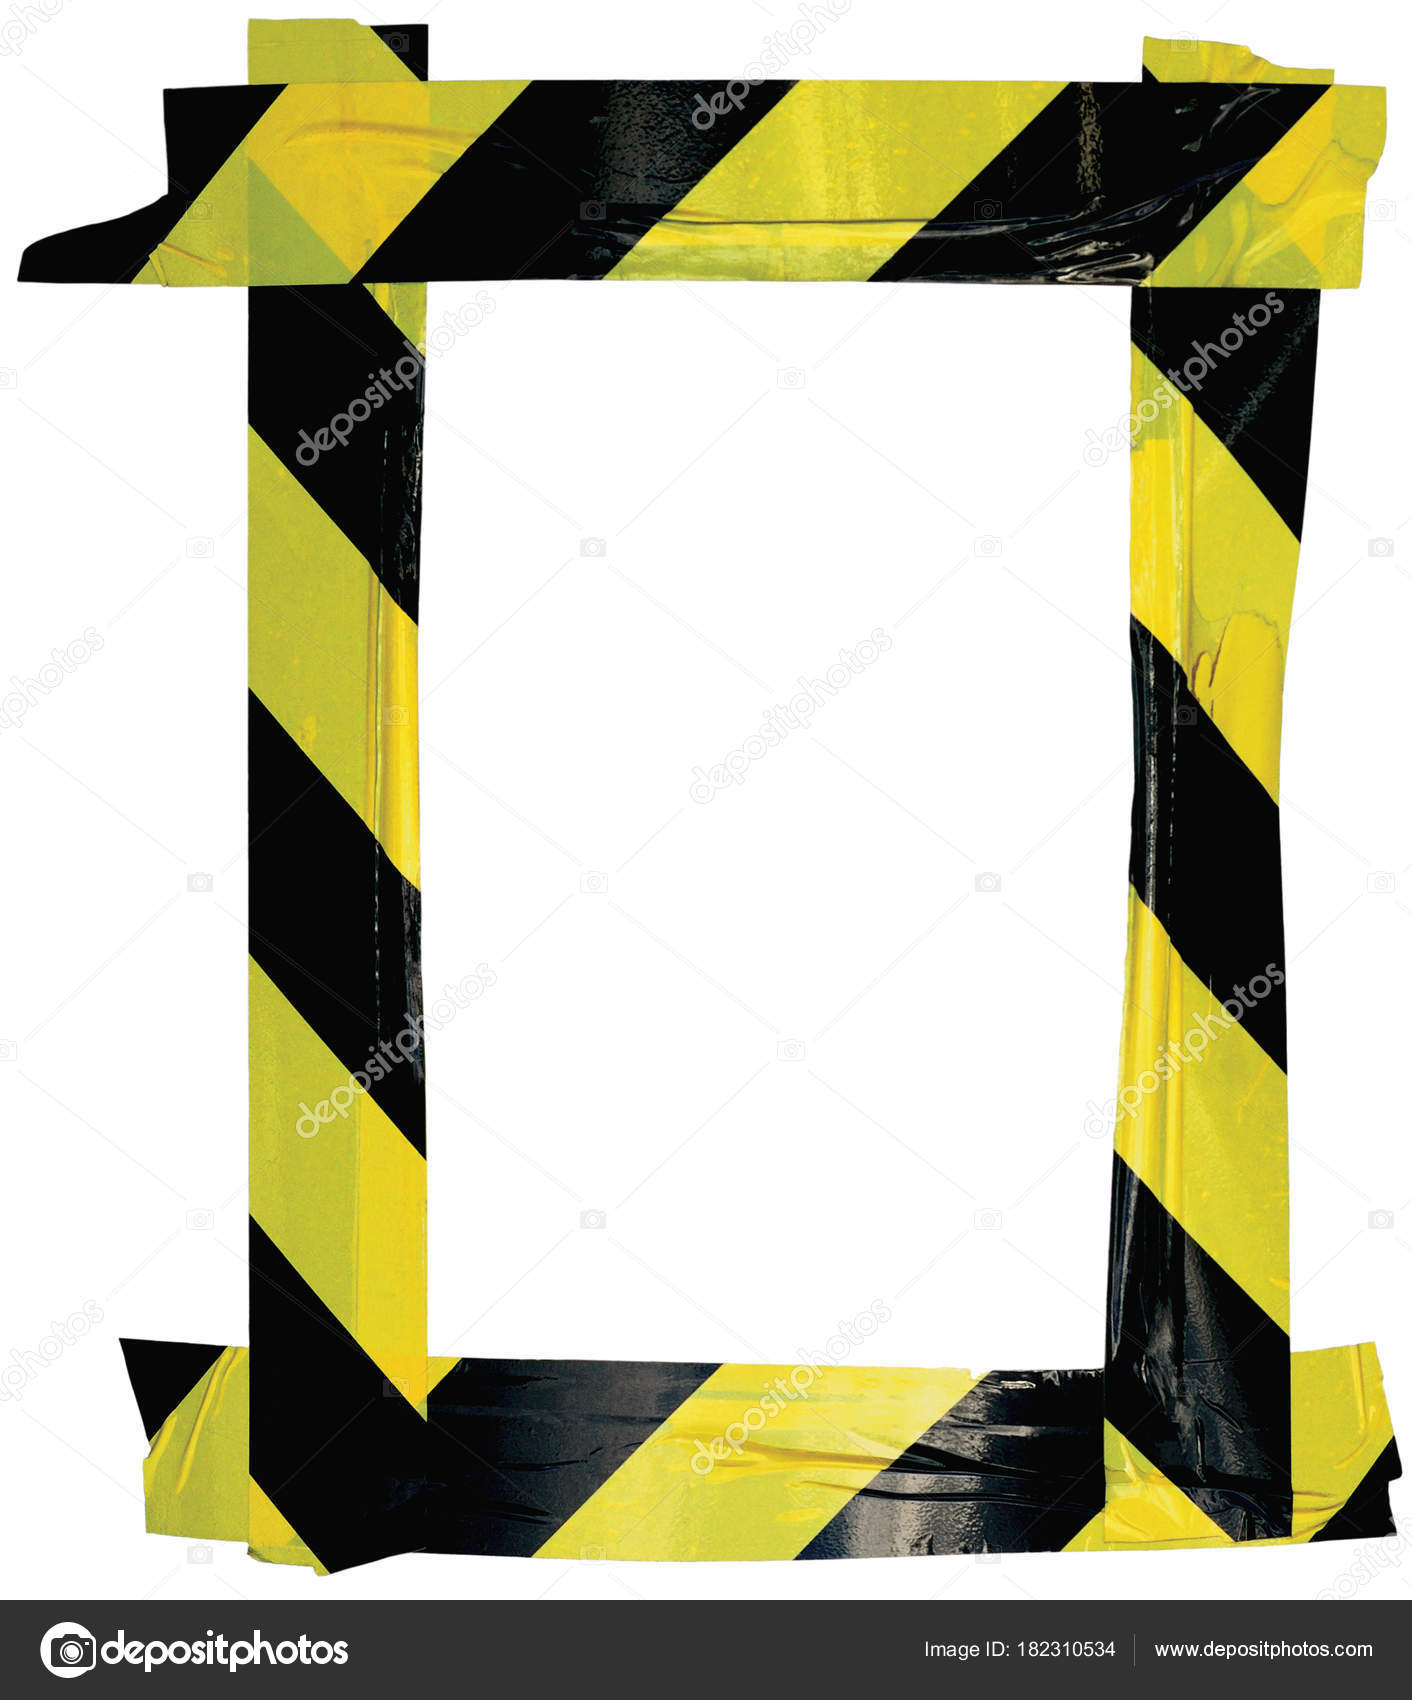 streifen signal sicherheitskonzept aufmerksamkeit isolierten groen detaillierte nahaufnahme alte alte verwitterte grunge muster foto von kaspri - Sicherheitskonzept Muster